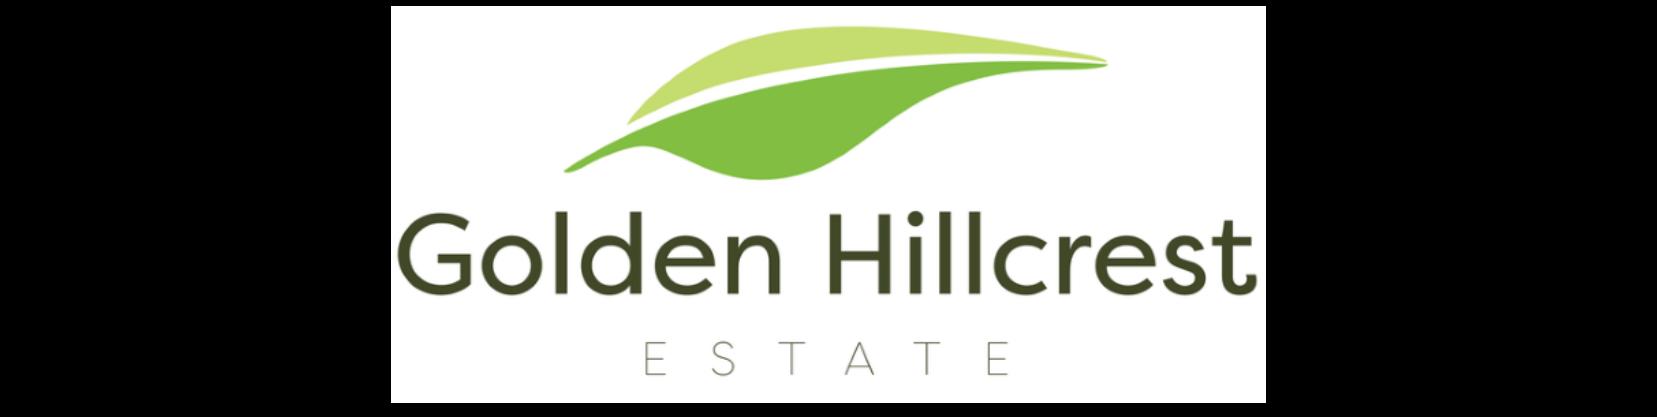 Golden Hillcrest.png